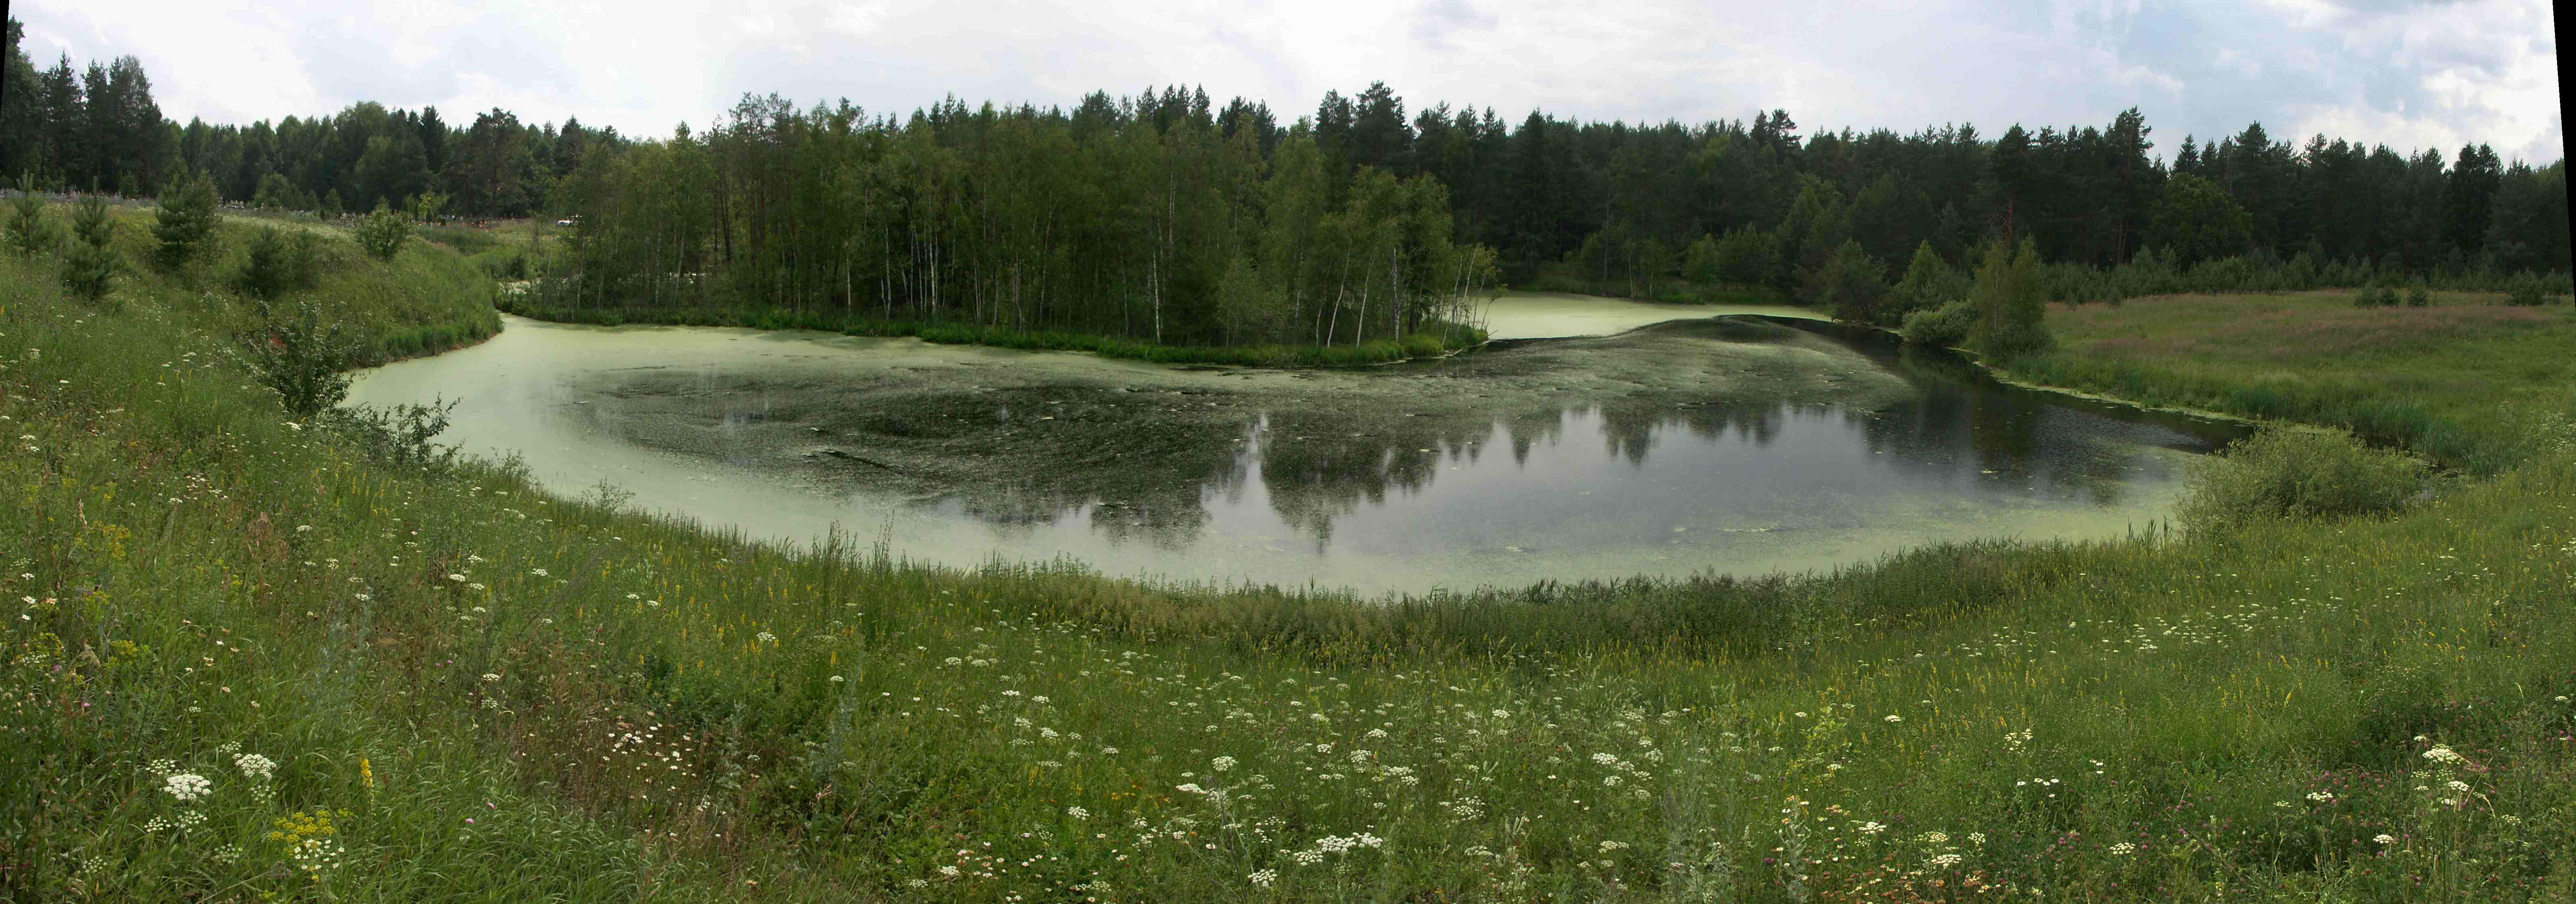 Востановление озера Провал у кладбища села Мухтолово снимок июль 2012 b